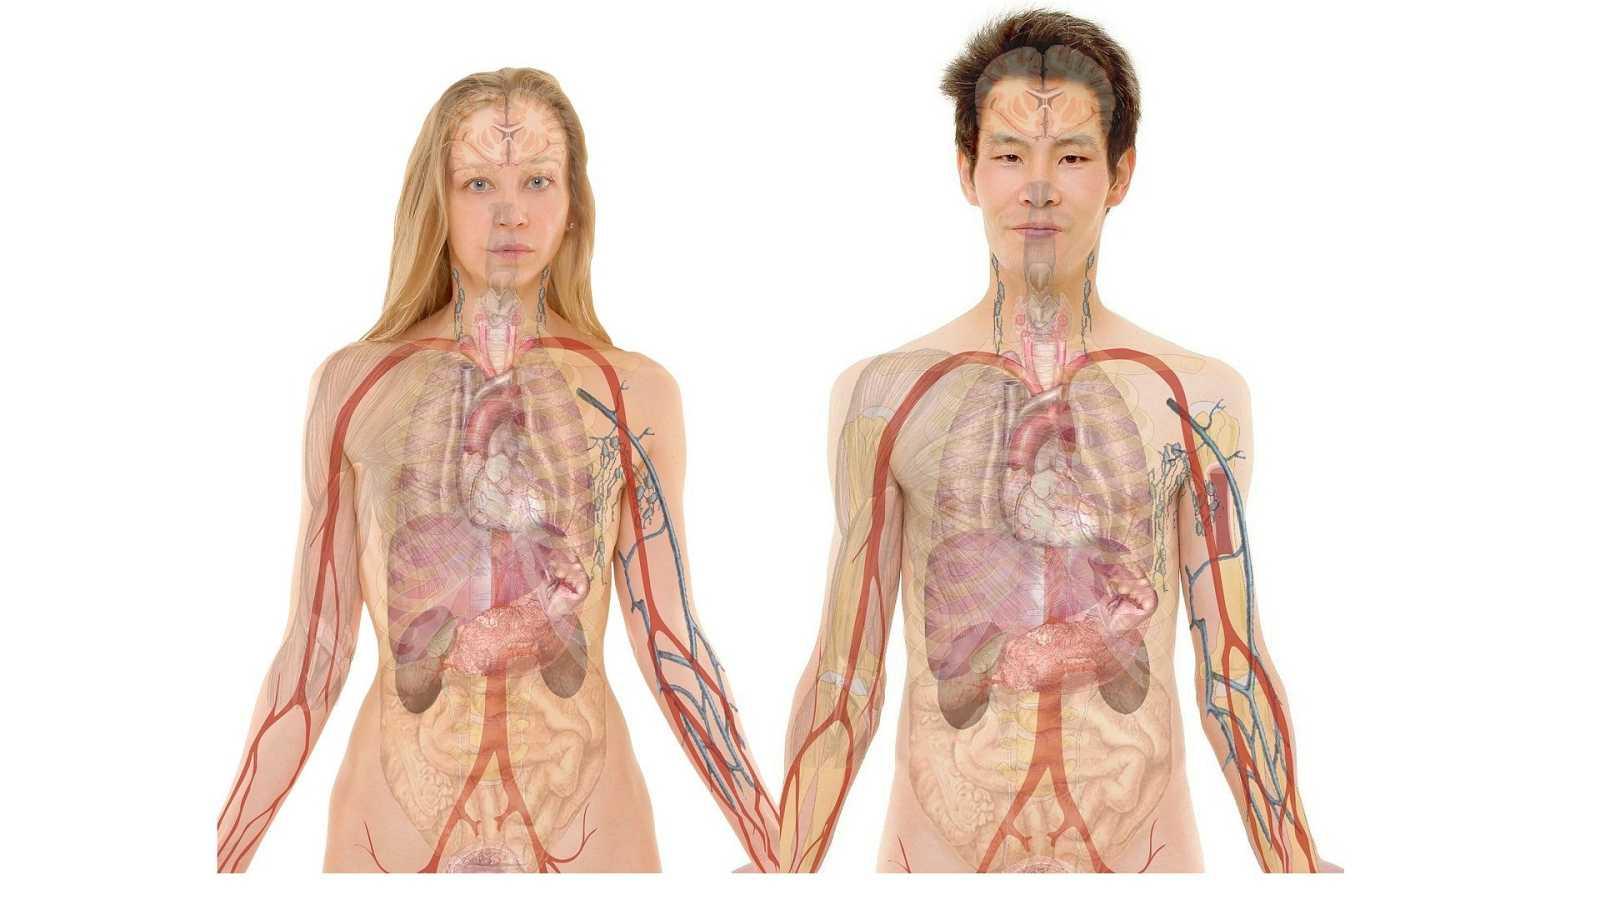 Tarde lo que tarde - Filomena no interrumpe los trasplantes - 14/01/21 - escuchar ahora